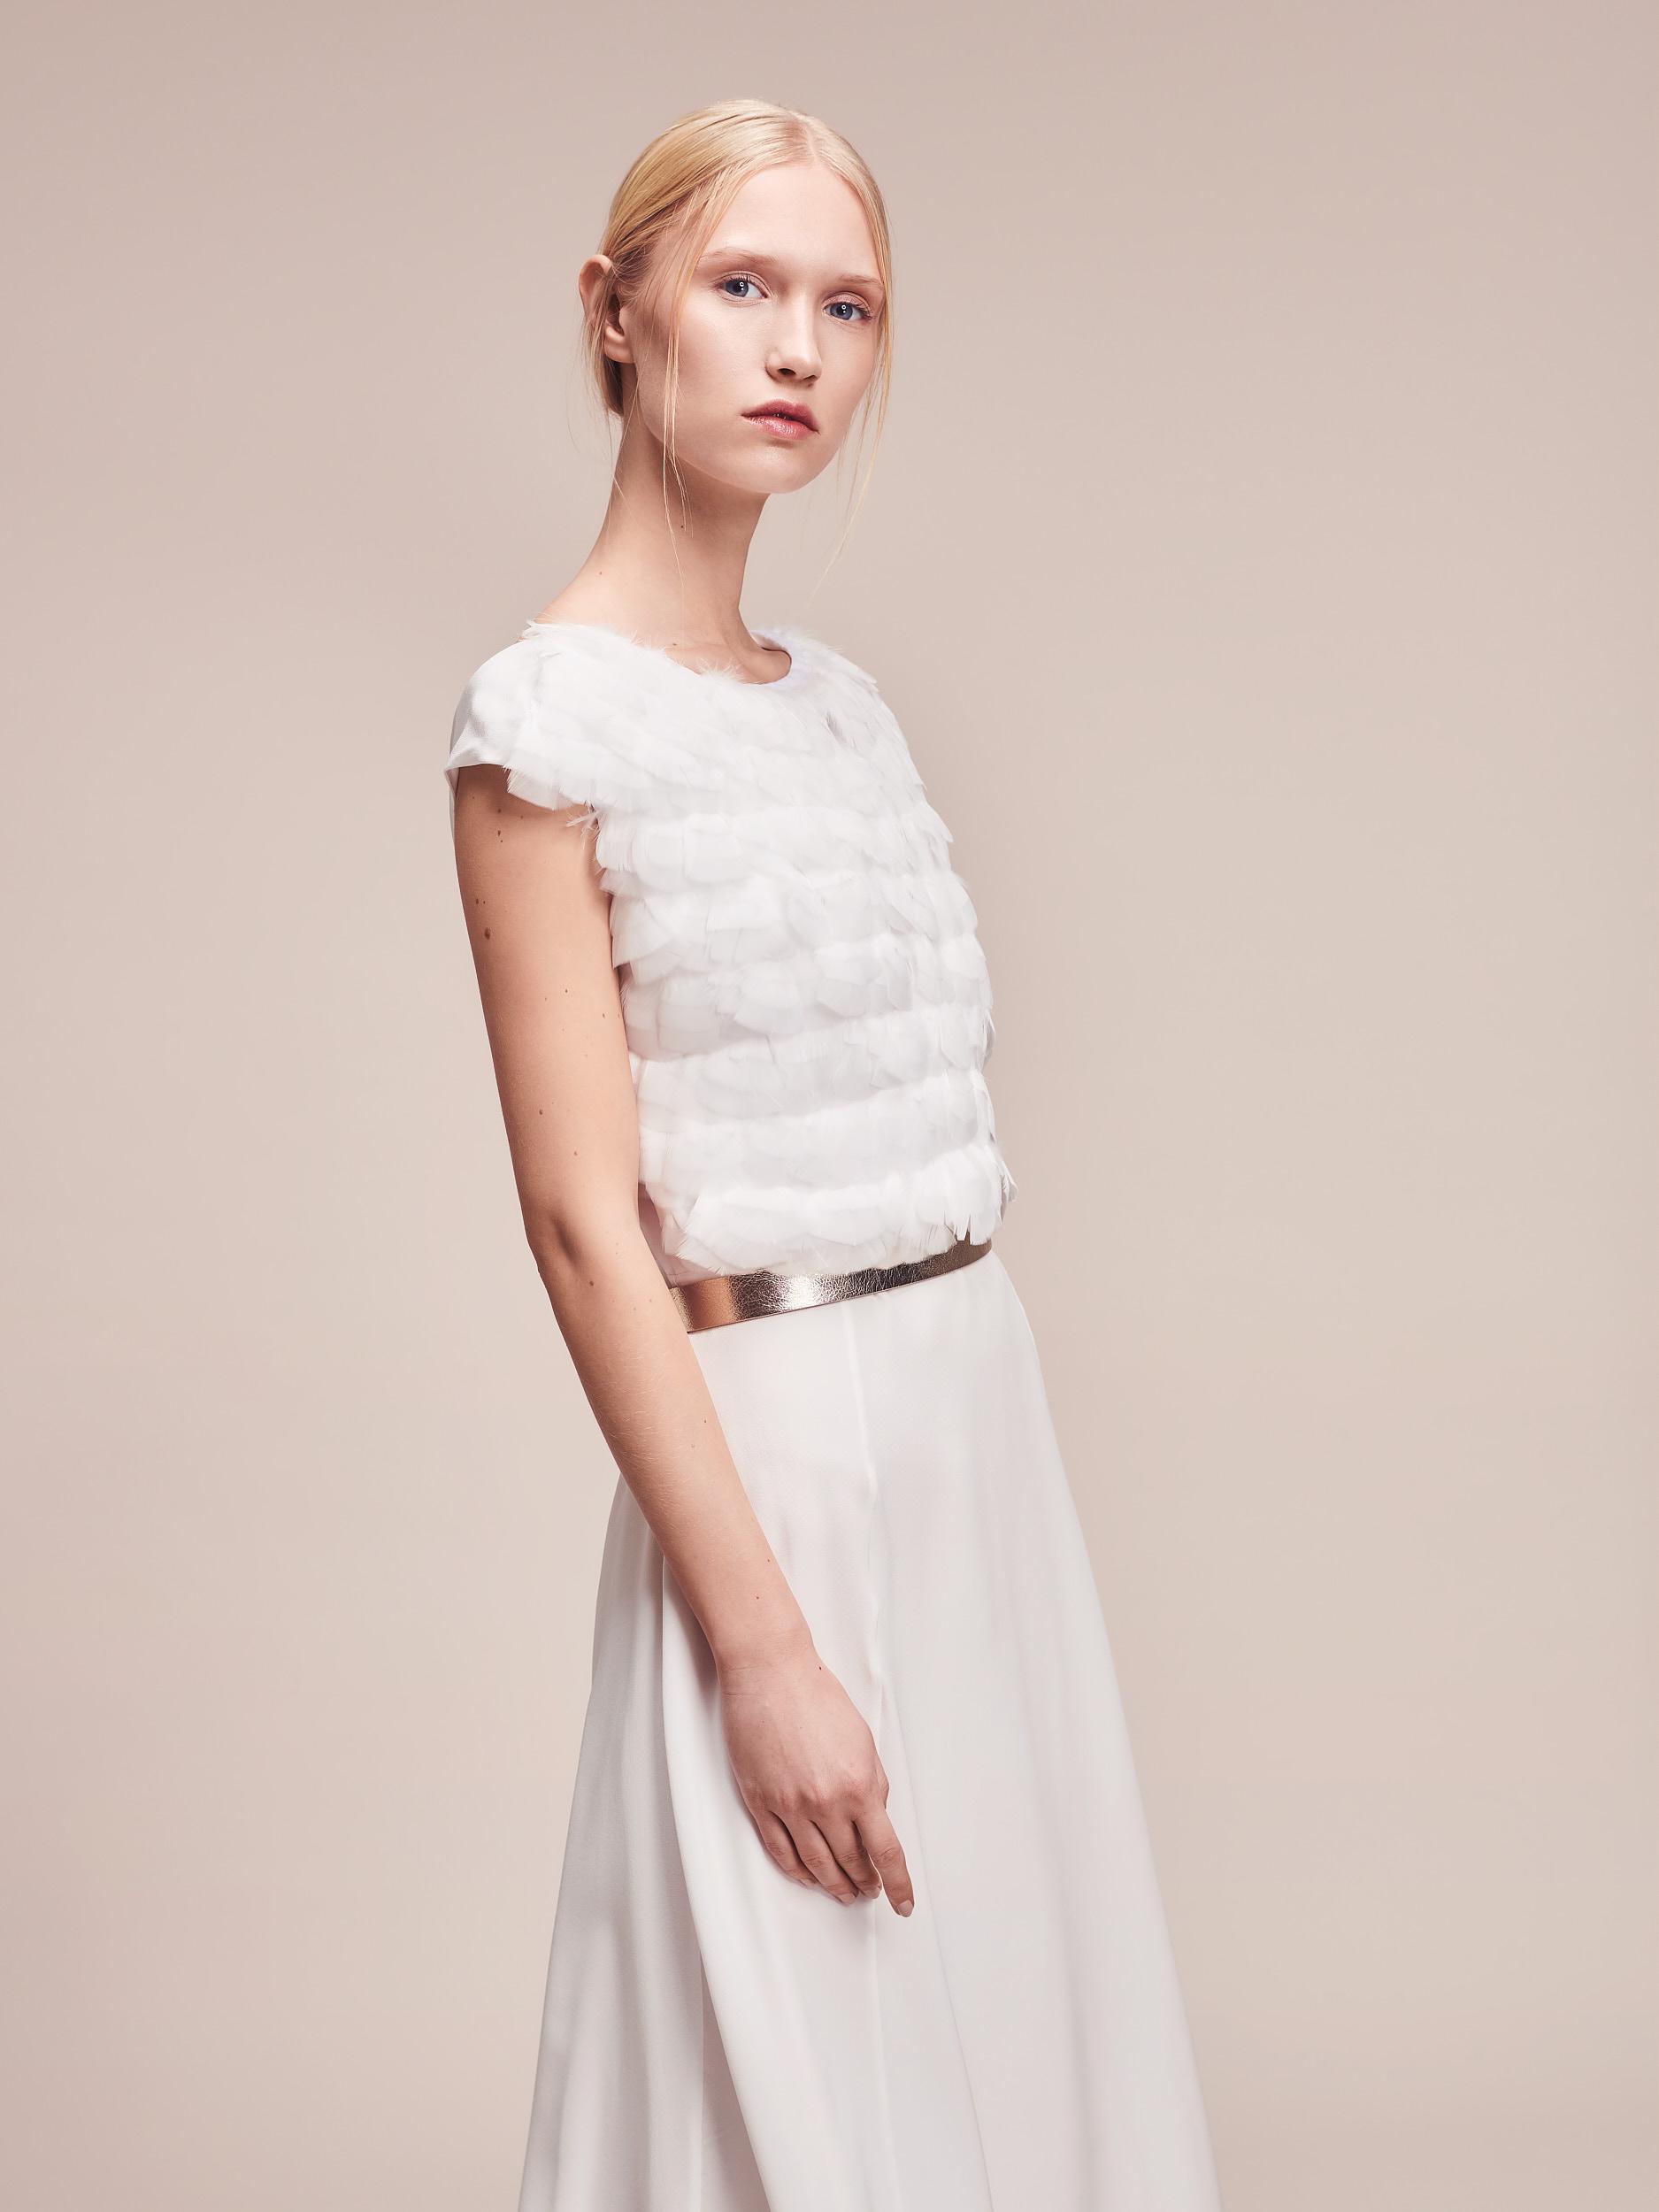 Modernes Designer Brautkleid aus Seide mit Federdetail